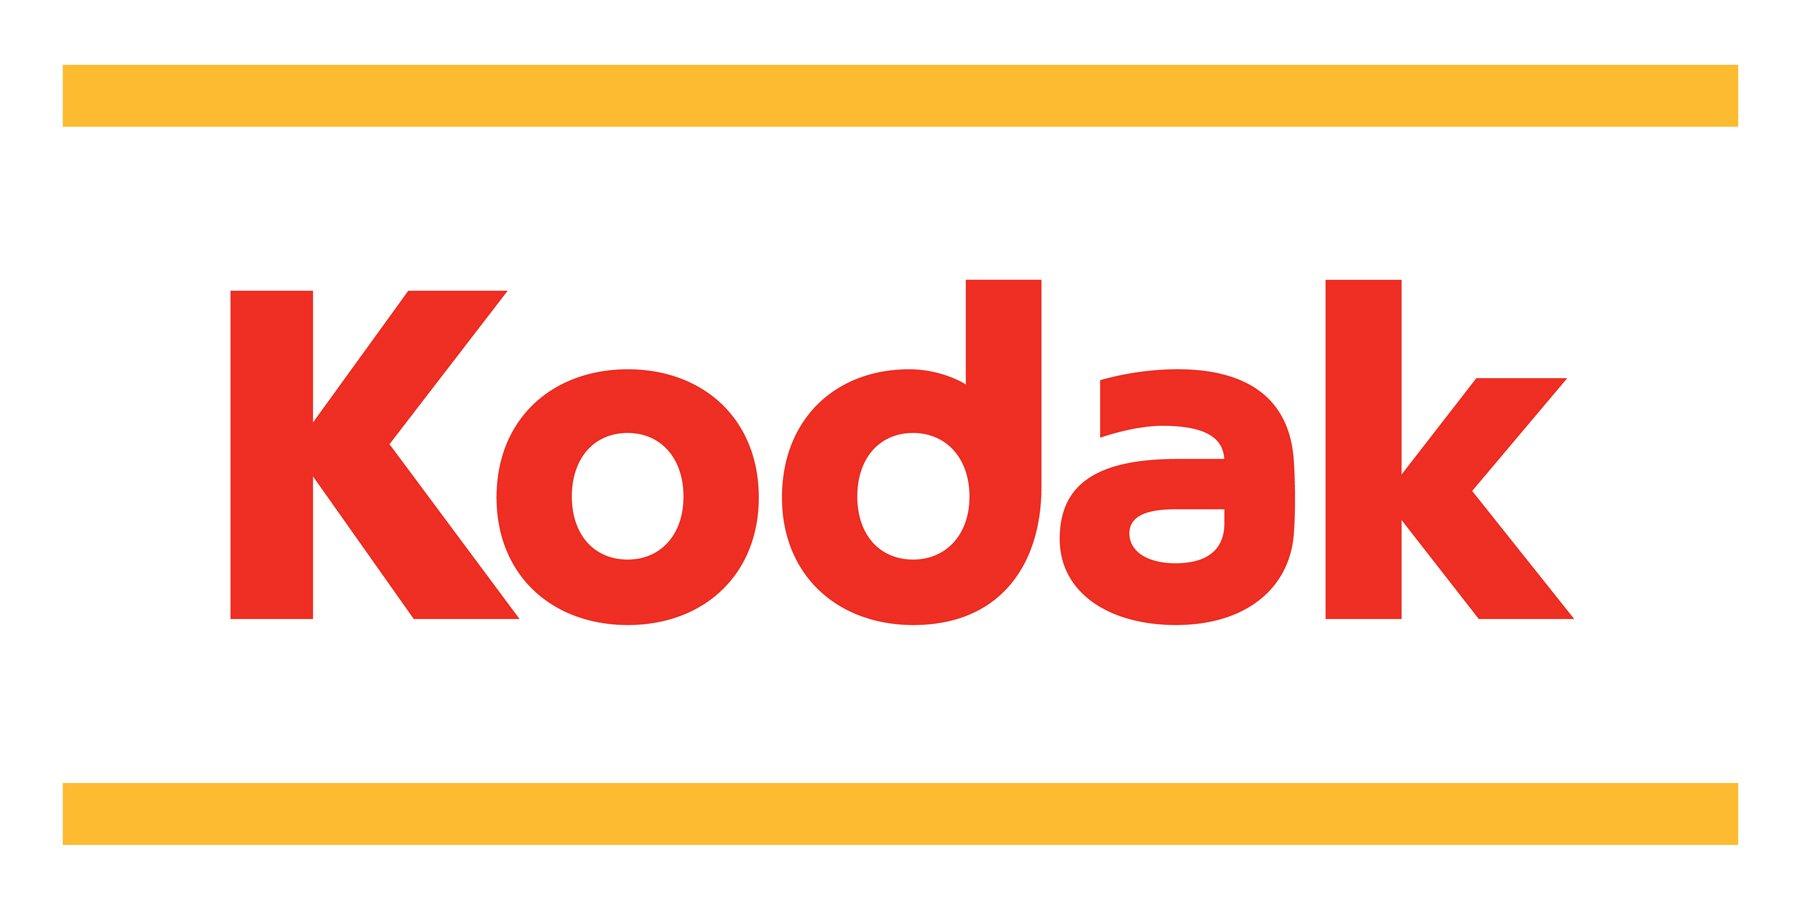 Kodak E Bullitt Presenti Al Ces 2015 Con Una Particolare